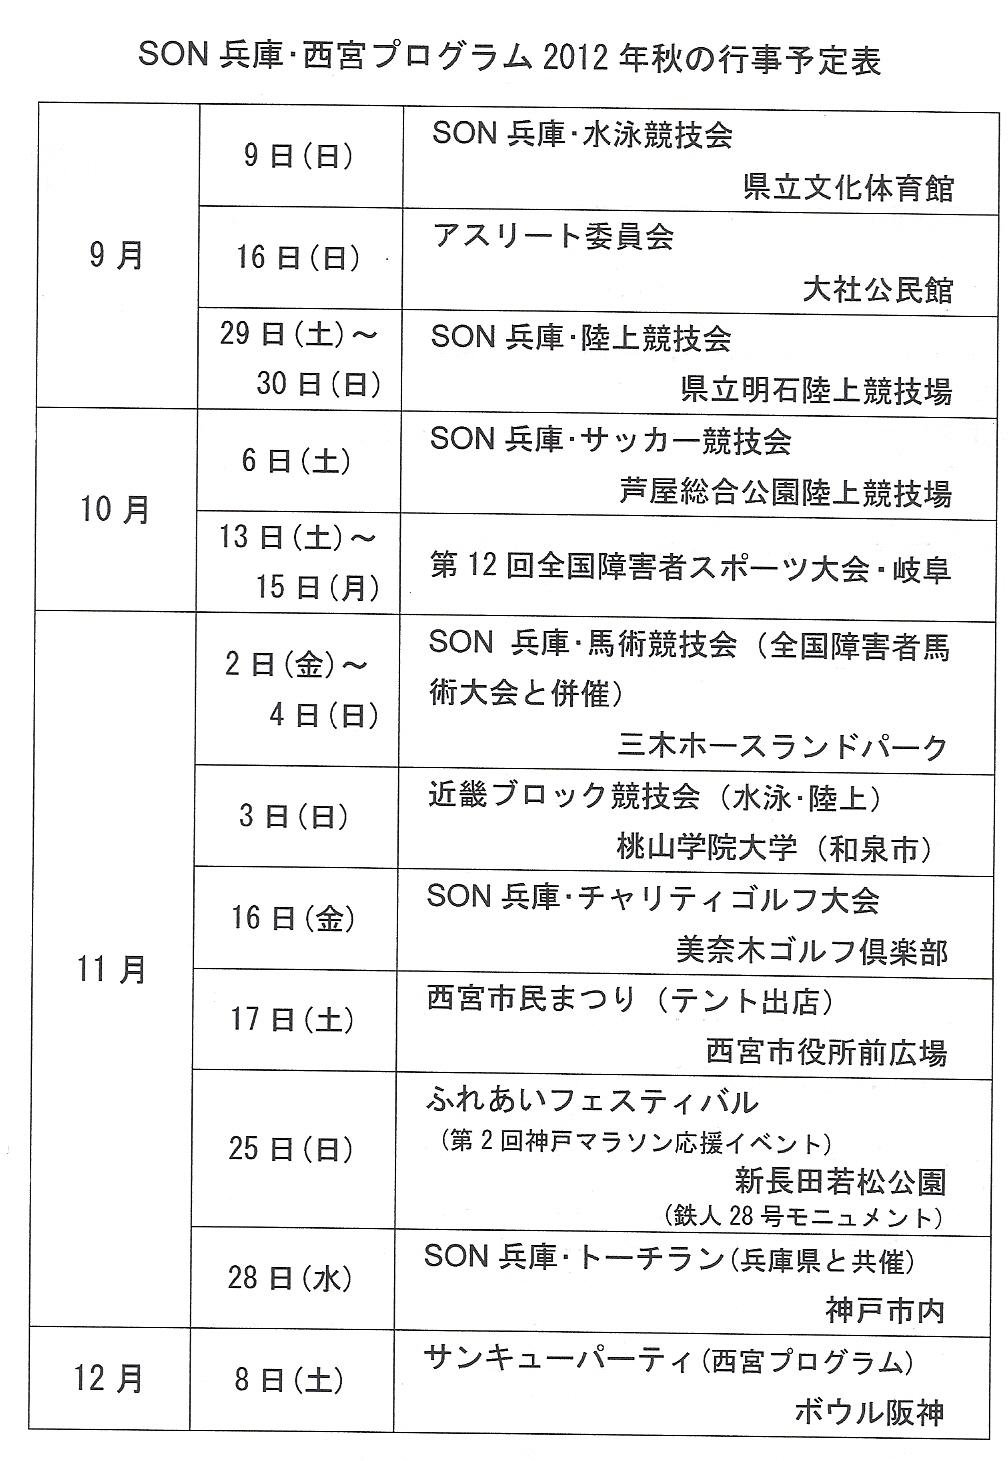 カレンダー  ≪これからの競技会・イベント≫_b0074547_23503499.jpg